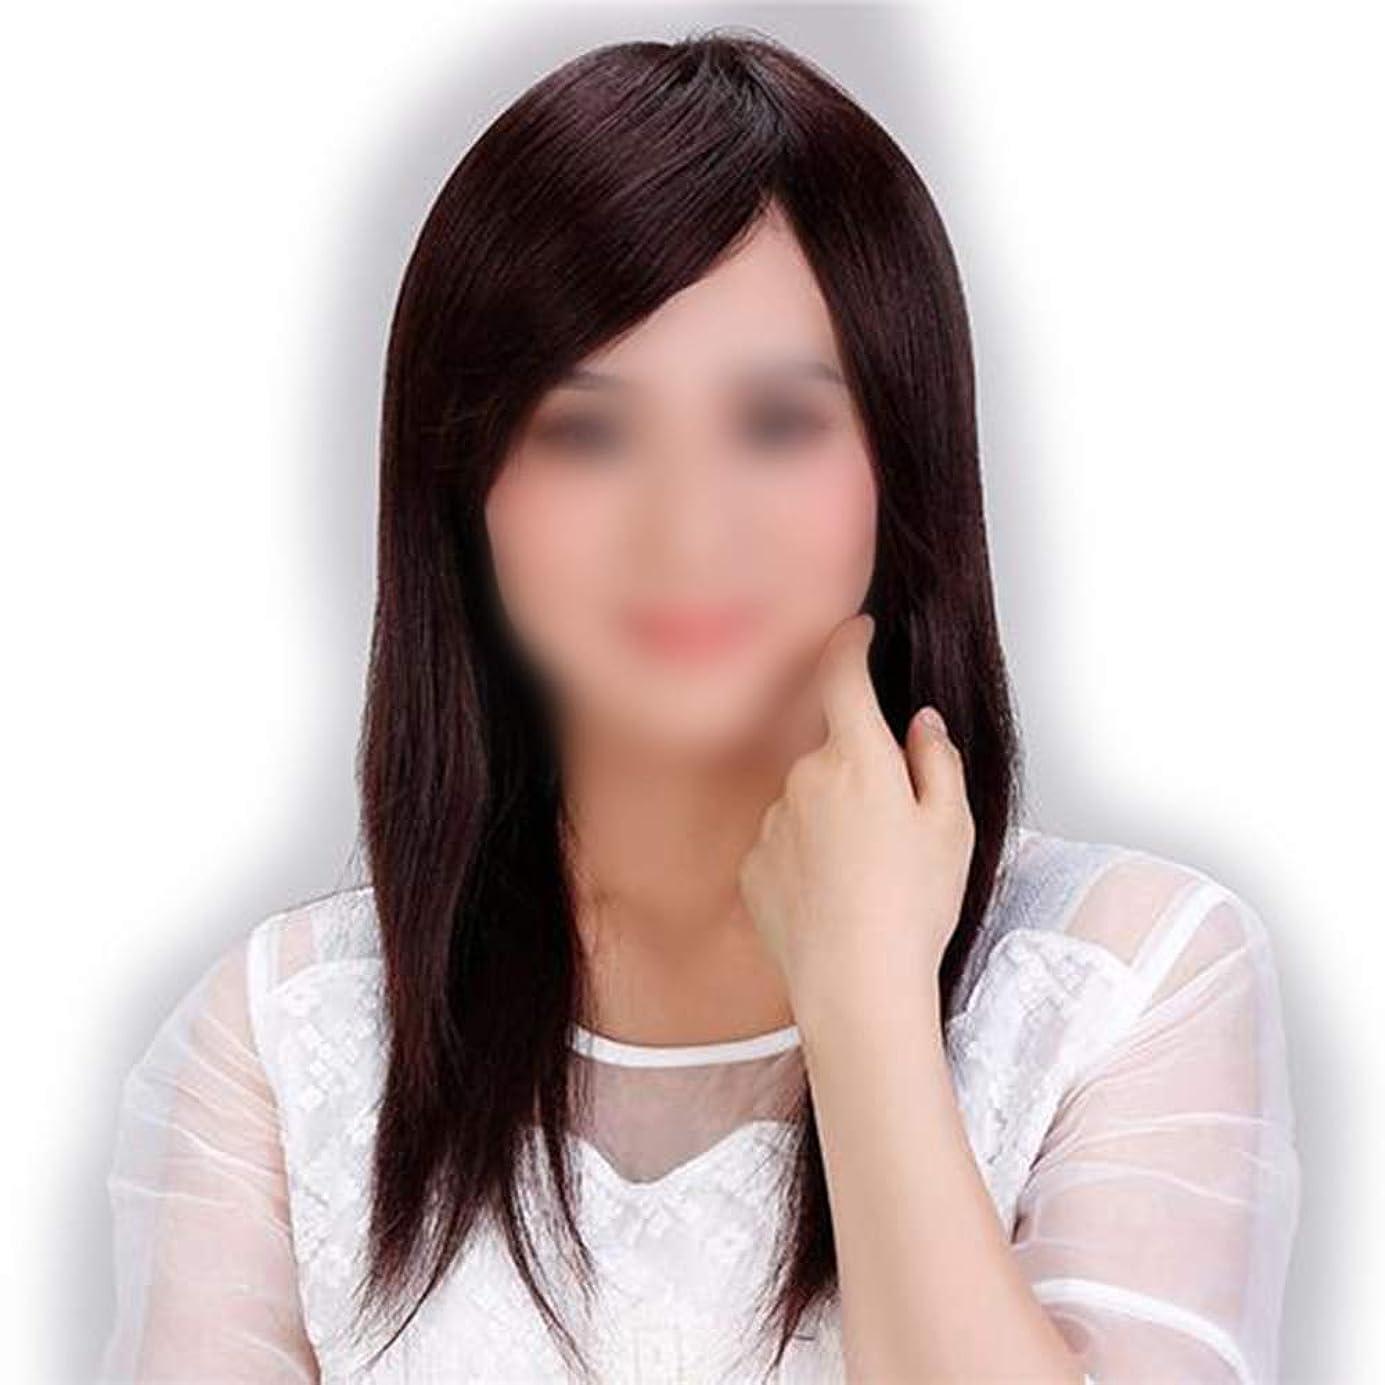 思慮のない投票飛ぶBOBIDYEE 女性の長いストレートの髪のかつらリアルヘア完全に現実的な自然な探しているかつらギフト合成髪レースかつらロールプレイングウィッグロングとショートの女性自然 (色 : Natural black)